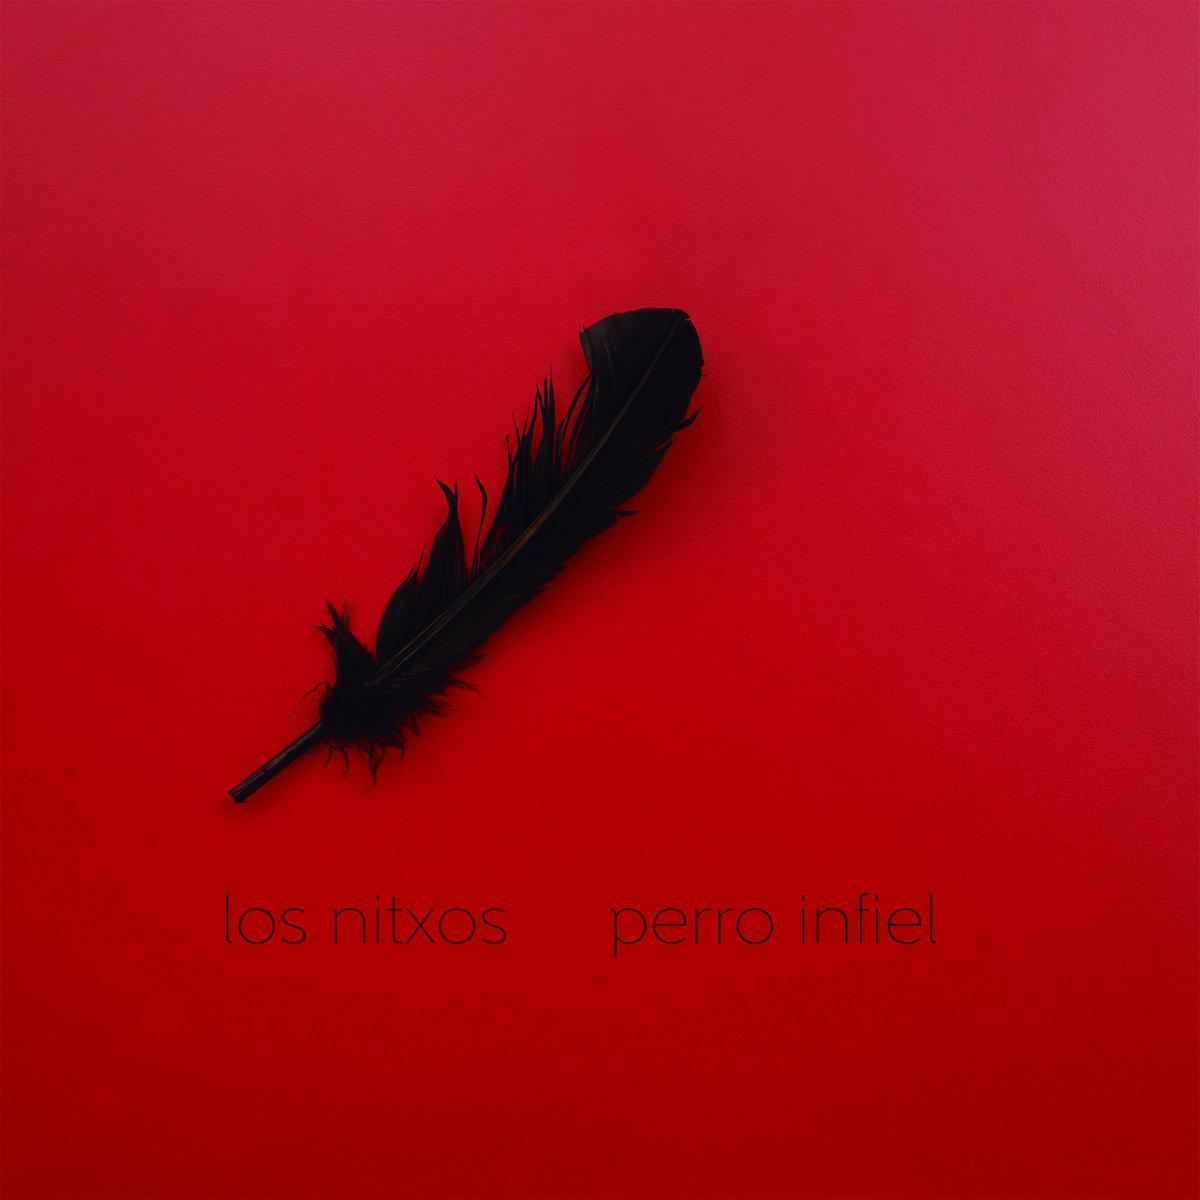 portada del album Perro Infiel